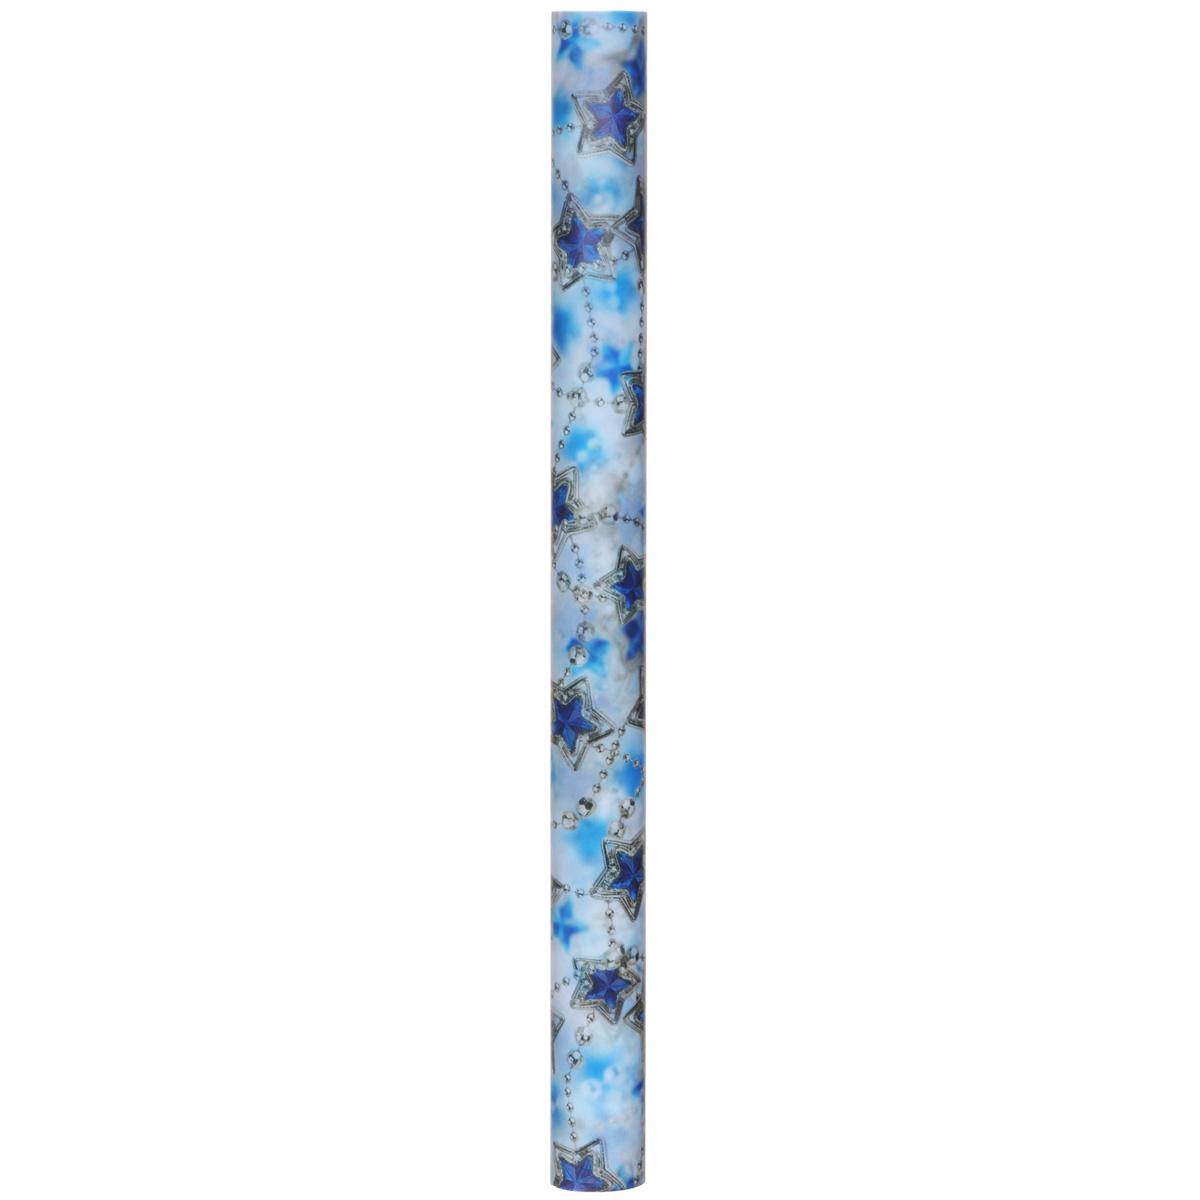 Транспарентная бумага Folia Цепочка из звезд, 50,5 x 70 см7708110Транспарентная бумага Folia Цепочка из звезд - полупрозрачная бумага с оригинальным дизайном в виде красивых звезд. Используется для изготовления открыток, для скрапбукинга и других декоративных или дизайнерских работ. Бумага прекрасно держит форму, не пачкает руки, отлично крепится. Конструирование из транспарентной бумаги - необходимый для развития детей процесс. Во время занятия аппликацией ребенок сумеет разработать четкость движений, ловкость пальцев, аккуратность и внимательность. Кроме того, транспарентная бумага позволит разнообразить идеи ребенка при создании творческих работ.